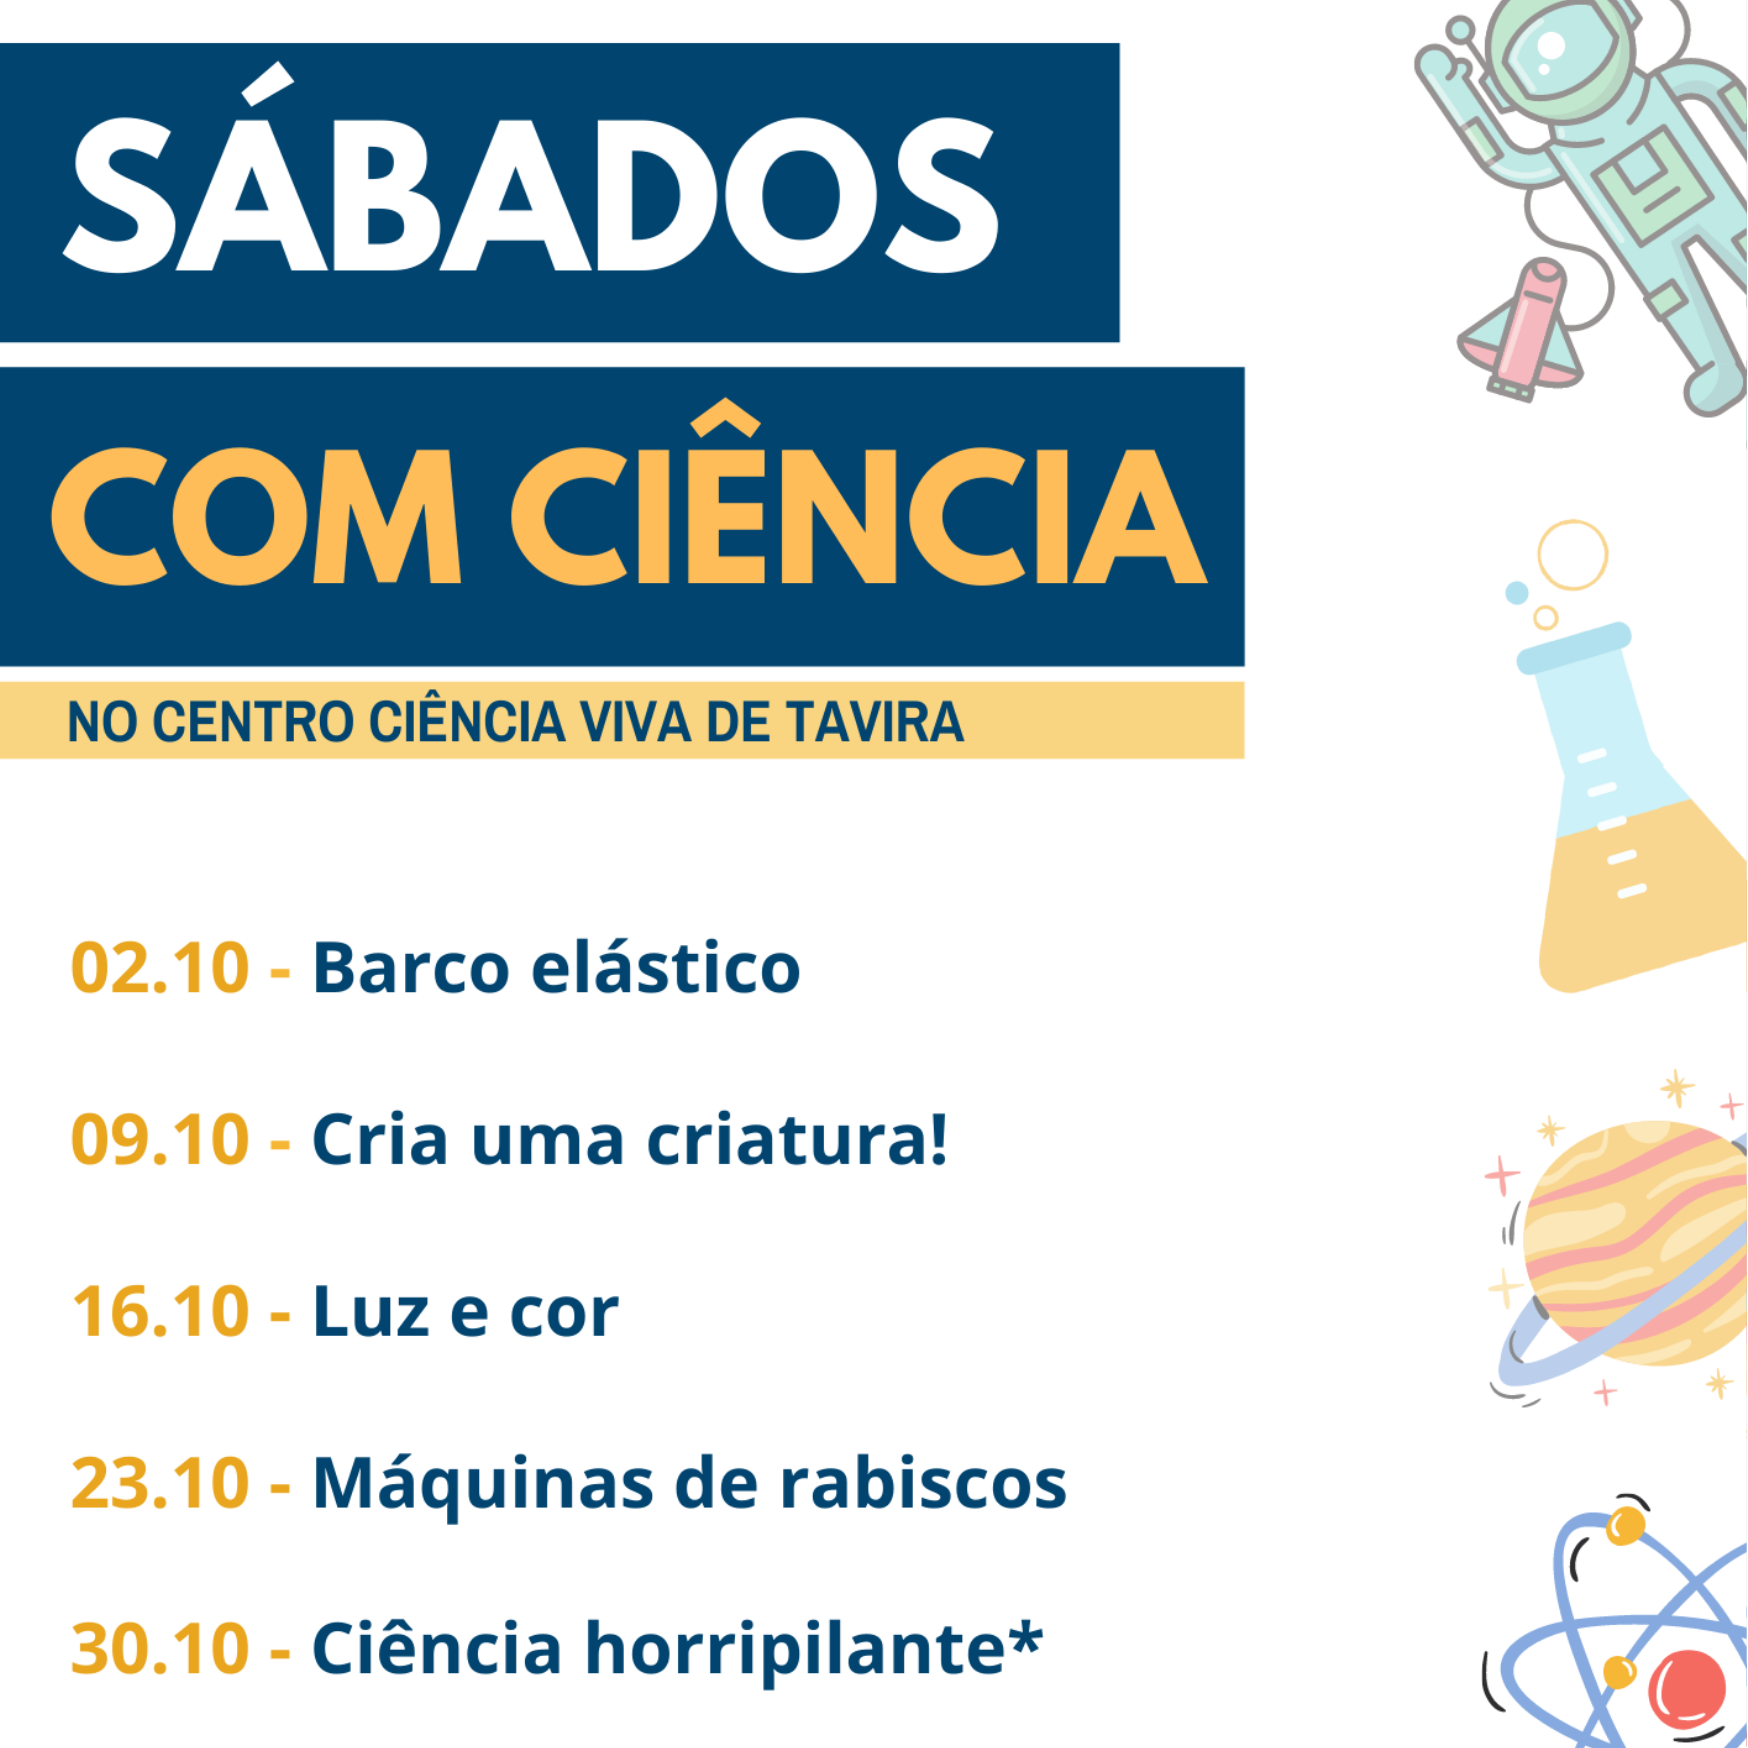 Sábados com Ciência - Outubro 2021